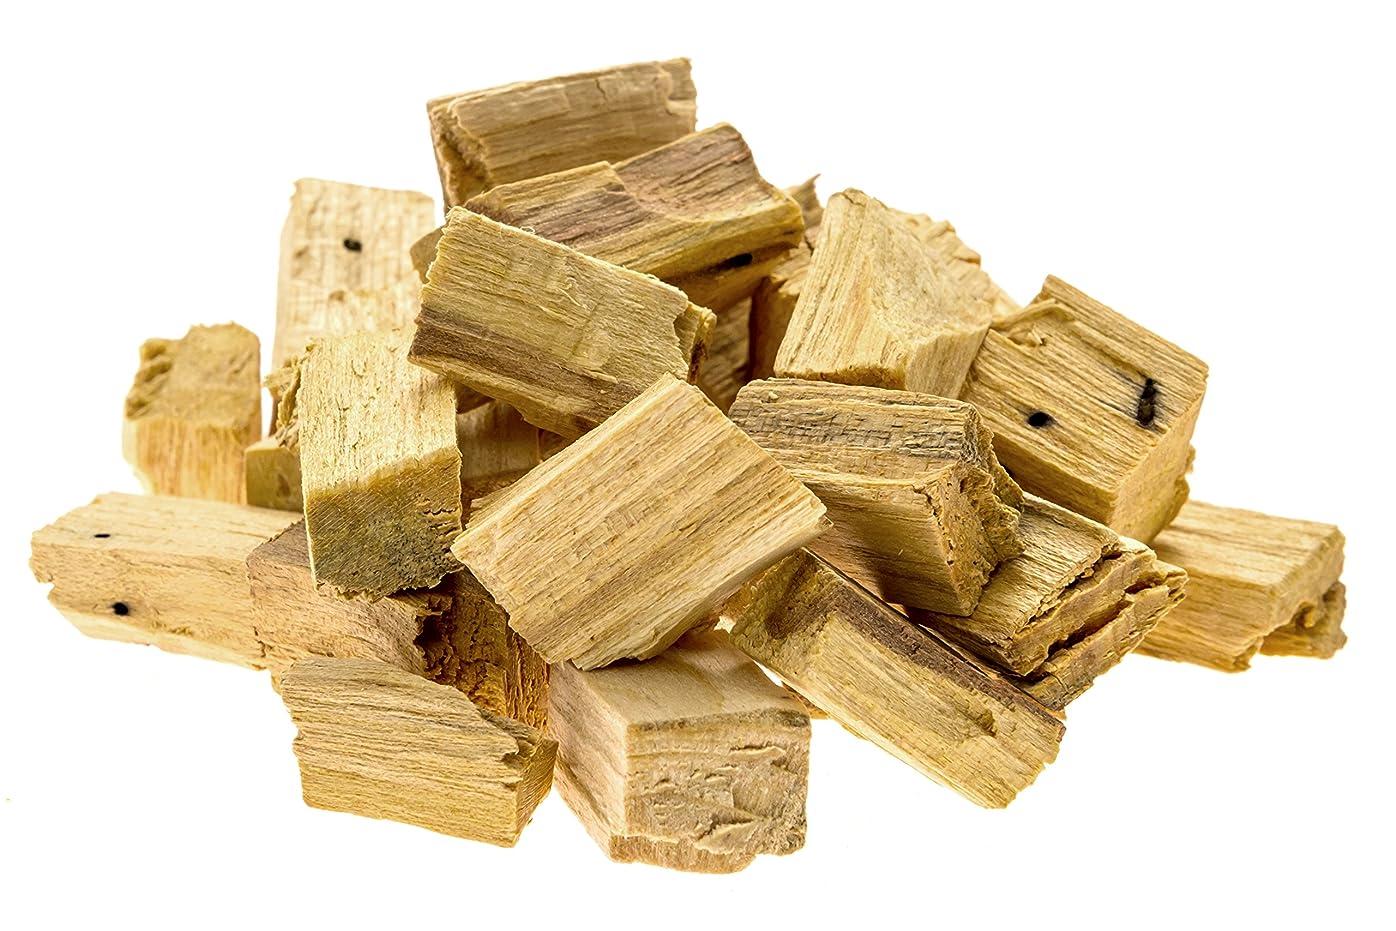 緑ミュウミュウ裁判所プレミアムPalo Santo Holy Wood Incenseチップ、for purifying、クレンジング、ヒーリング、瞑想、Stress Relief。100?%自然と持続可能な、野生の収穫。( 1oz )